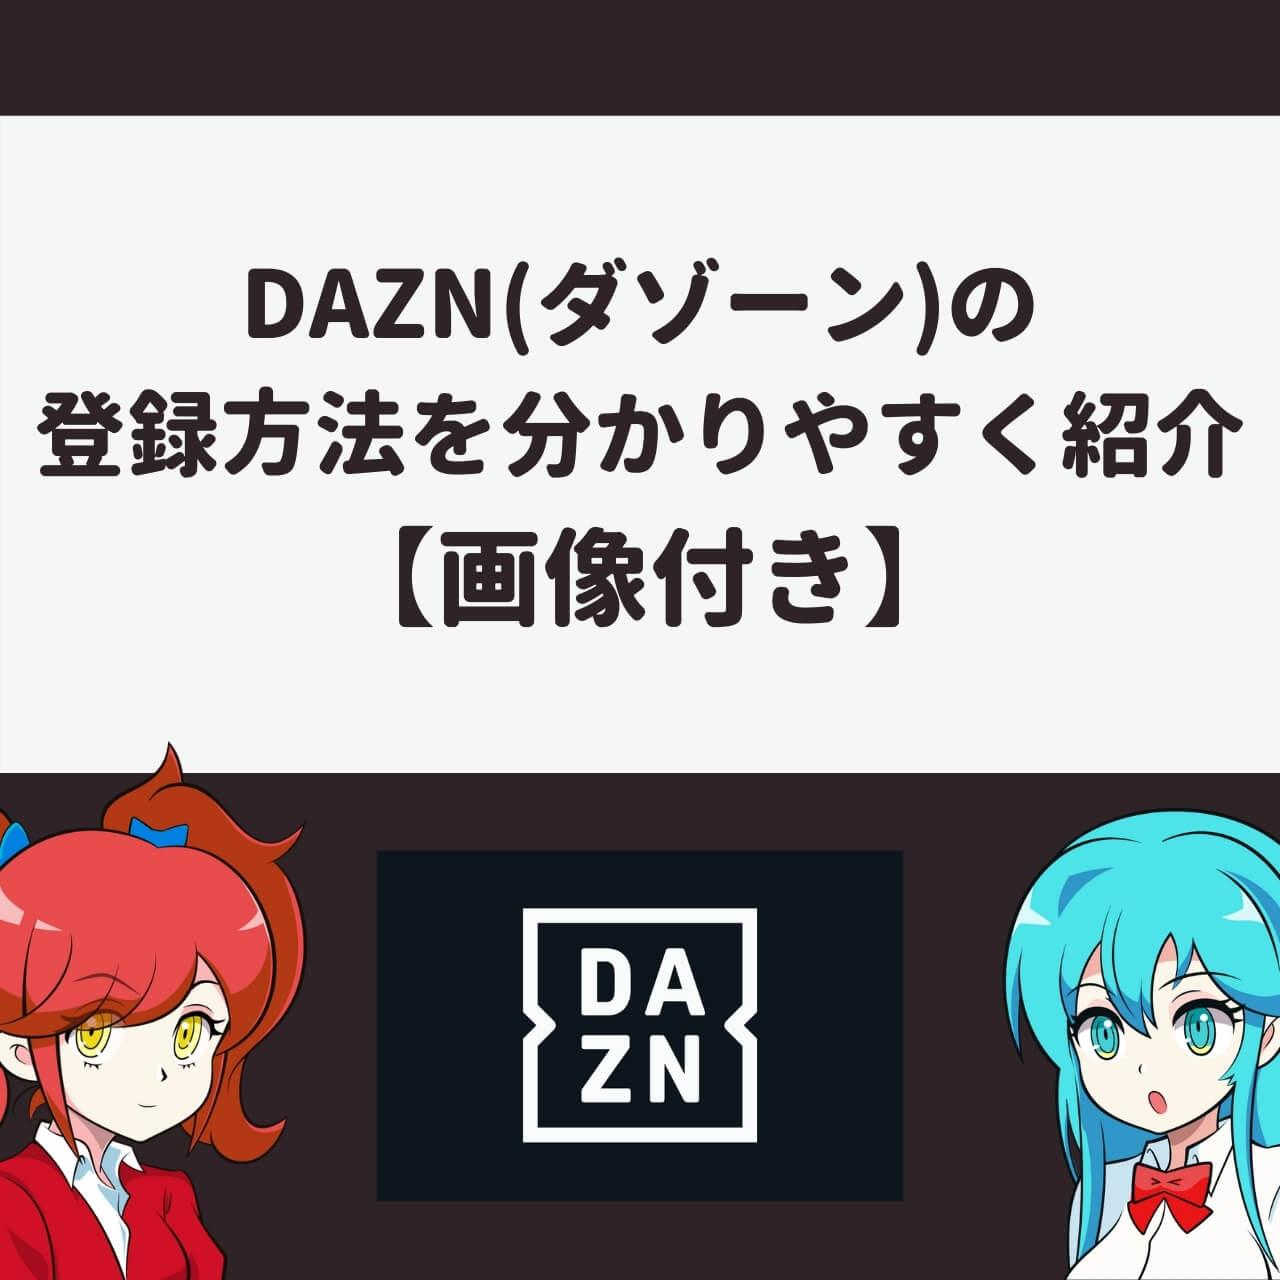 DAZN(ダゾーン)の登録方法を分かりやすく紹介【画像付き】